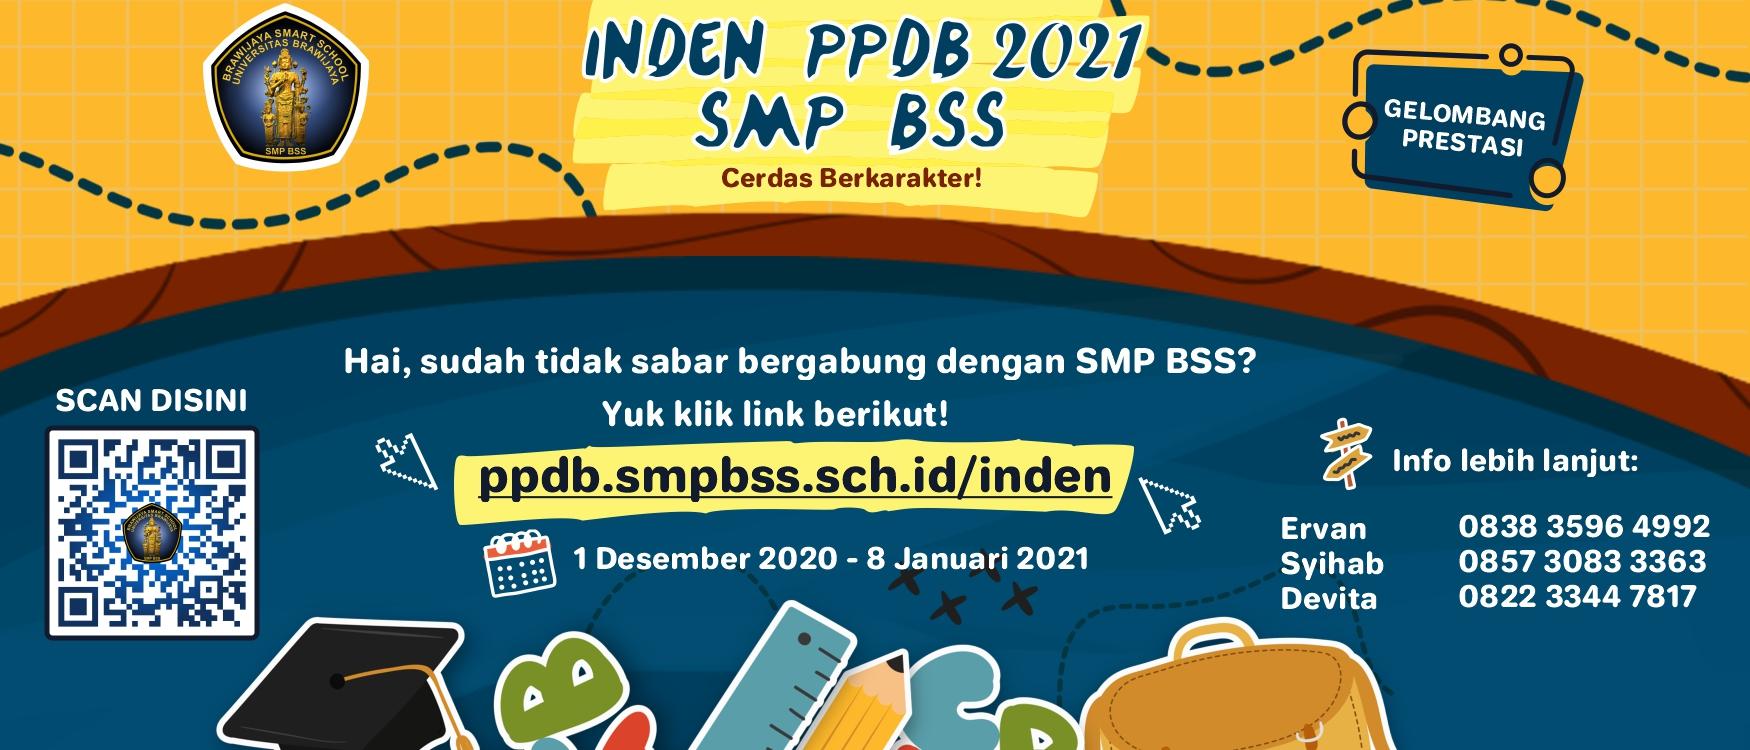 Inden PPDB 2021-2022